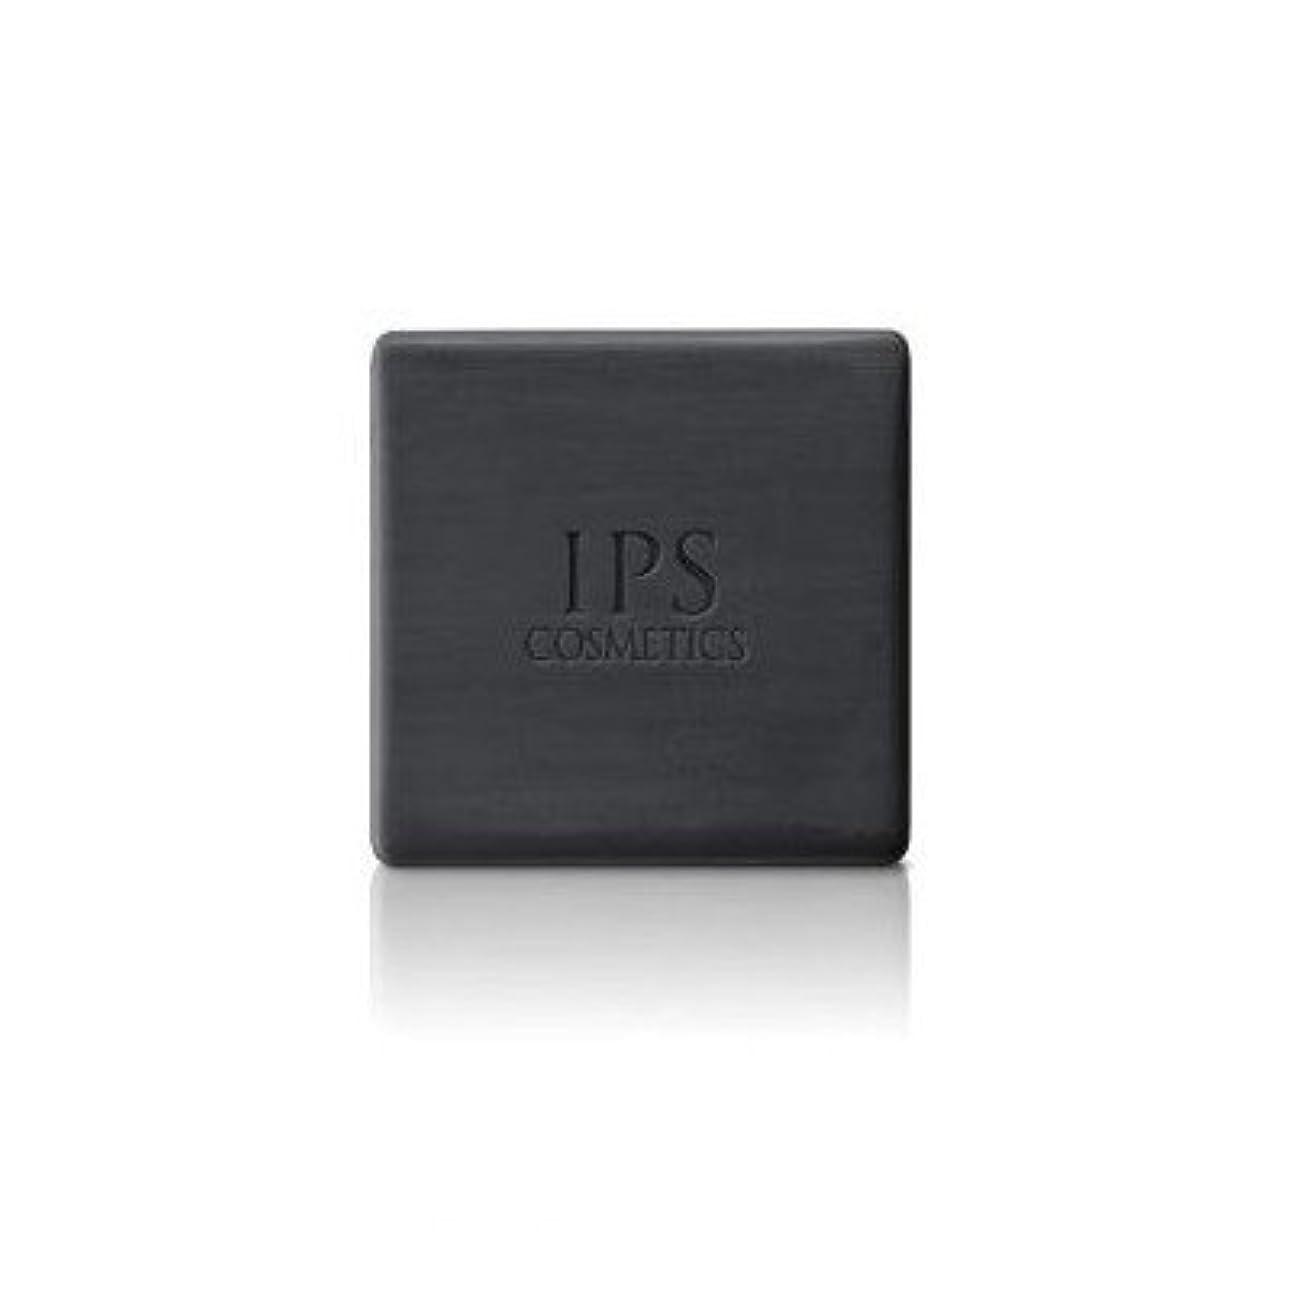 プロフェッショナル優越入るお得な3個セット IPS コンディショニングバー 洗顔石鹸 120g